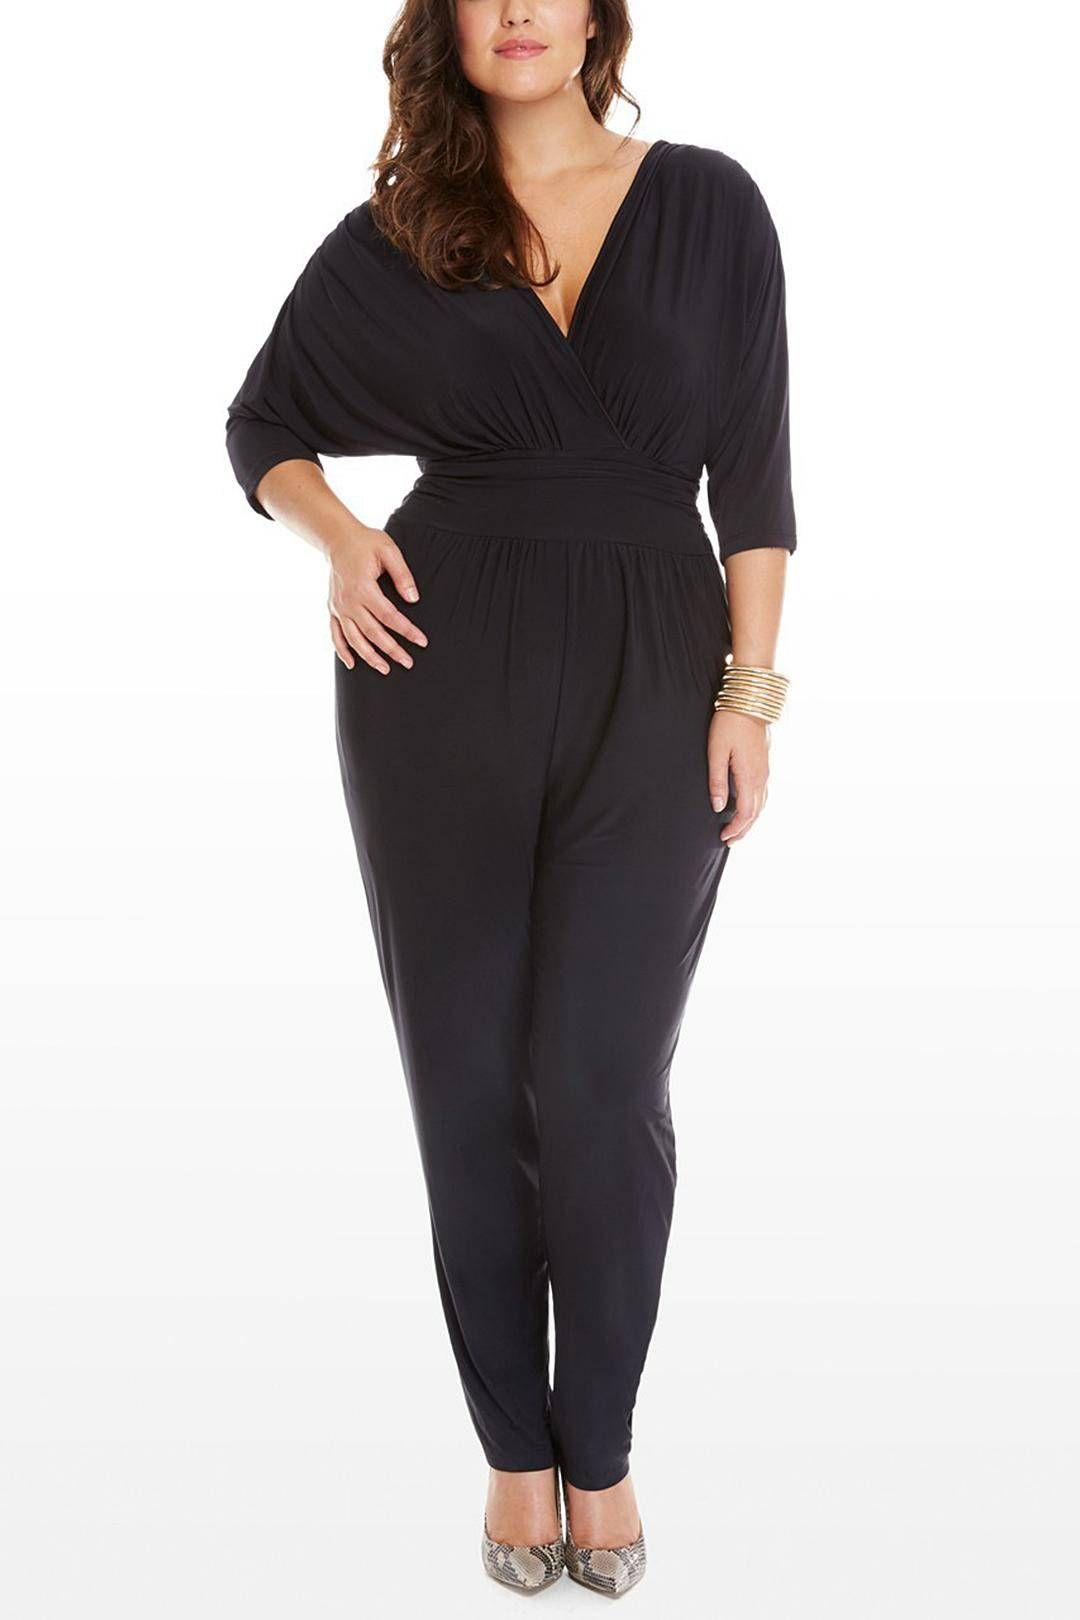 Plus Size Black V-neck Wrap Jumpsuit - US$15.95 -YOINS ...